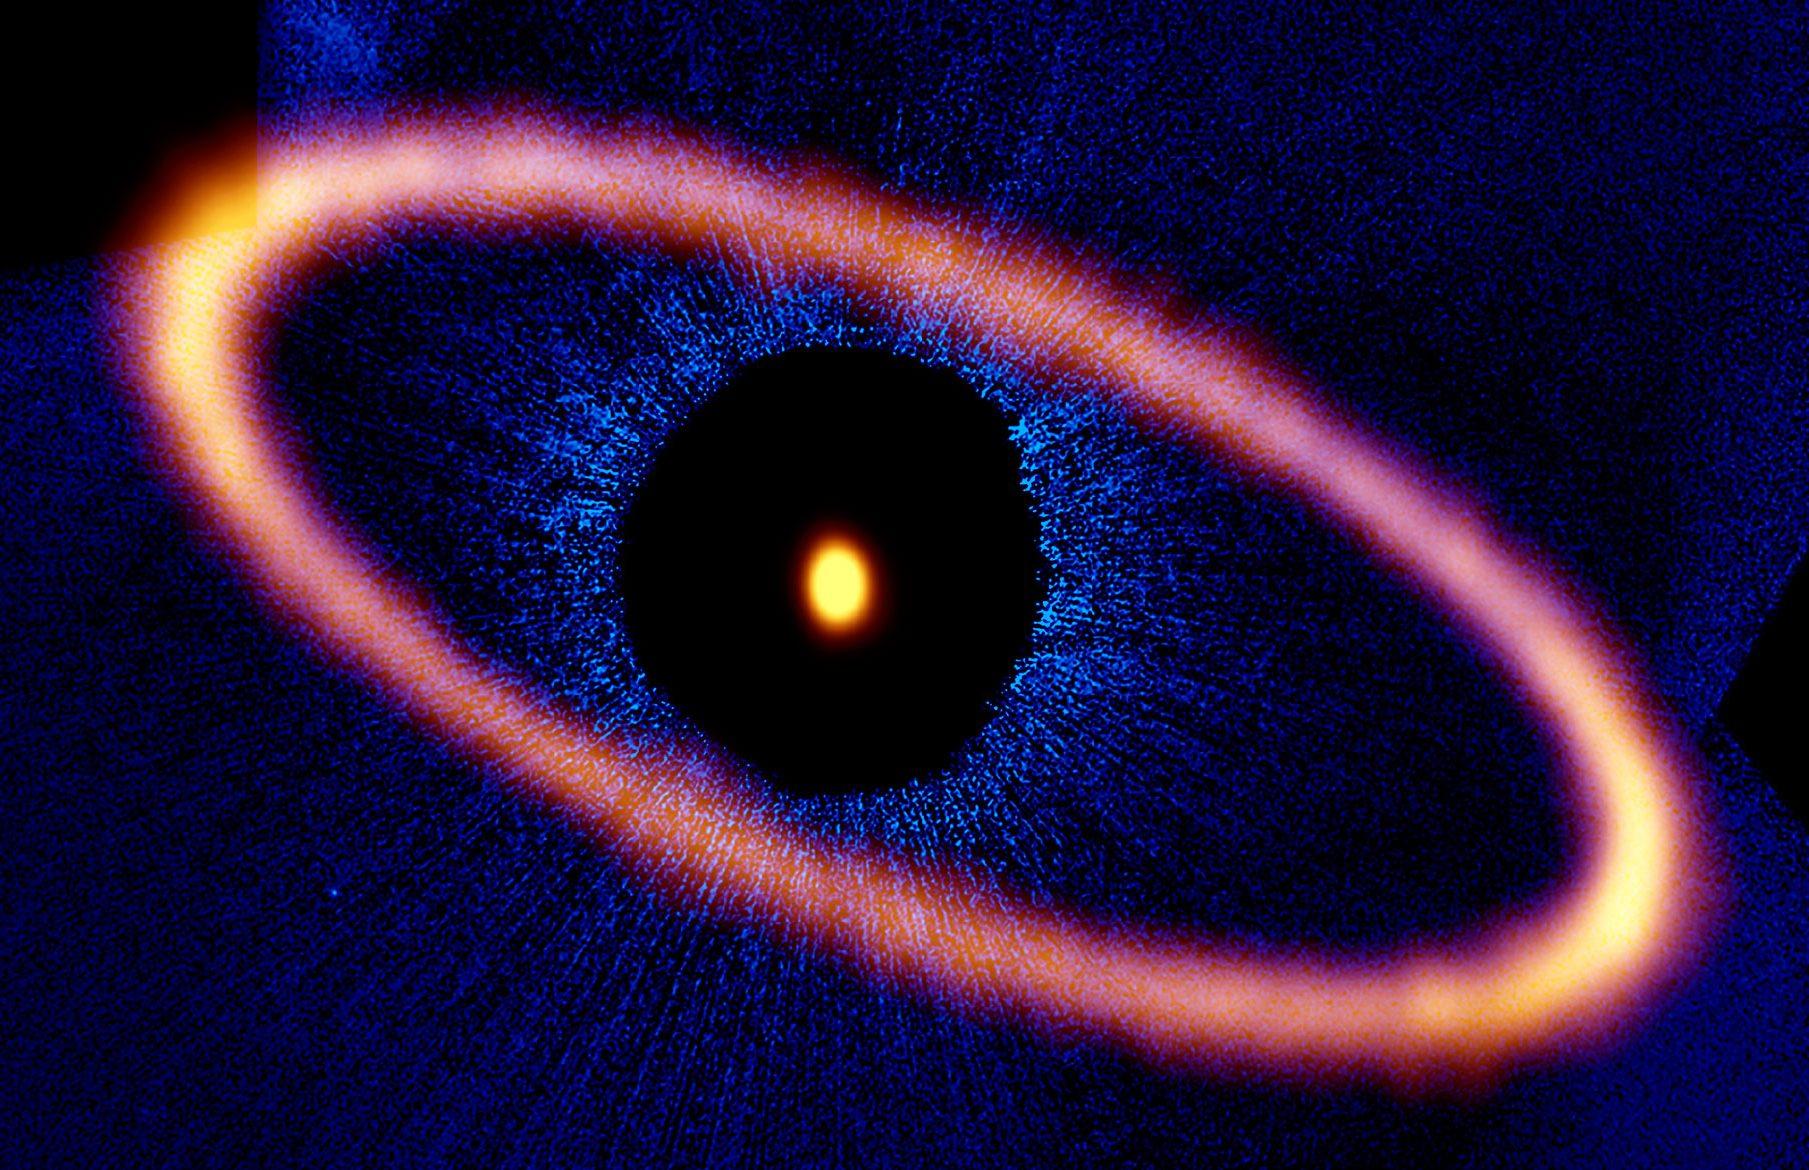 アルマ望遠鏡(オレンジ)とハッブル宇宙望遠鏡(青)で撮影したフォーマルハウトを取り巻く環。アルマ望遠鏡でもフォーマルハウト本体から発せられる電波が検出されています。ハッブル宇宙望遠鏡の可視光写真では、星のまわりを鮮明に写し出すために、「コロナグラフ」を使って星の光を隠しています。 Credit: ALMA (ESO/NAOJ/NRAO), M. MacGregor; NASA/ESA Hubble, P. Kalas; B. Saxton (NRAO/AUI/NSF)